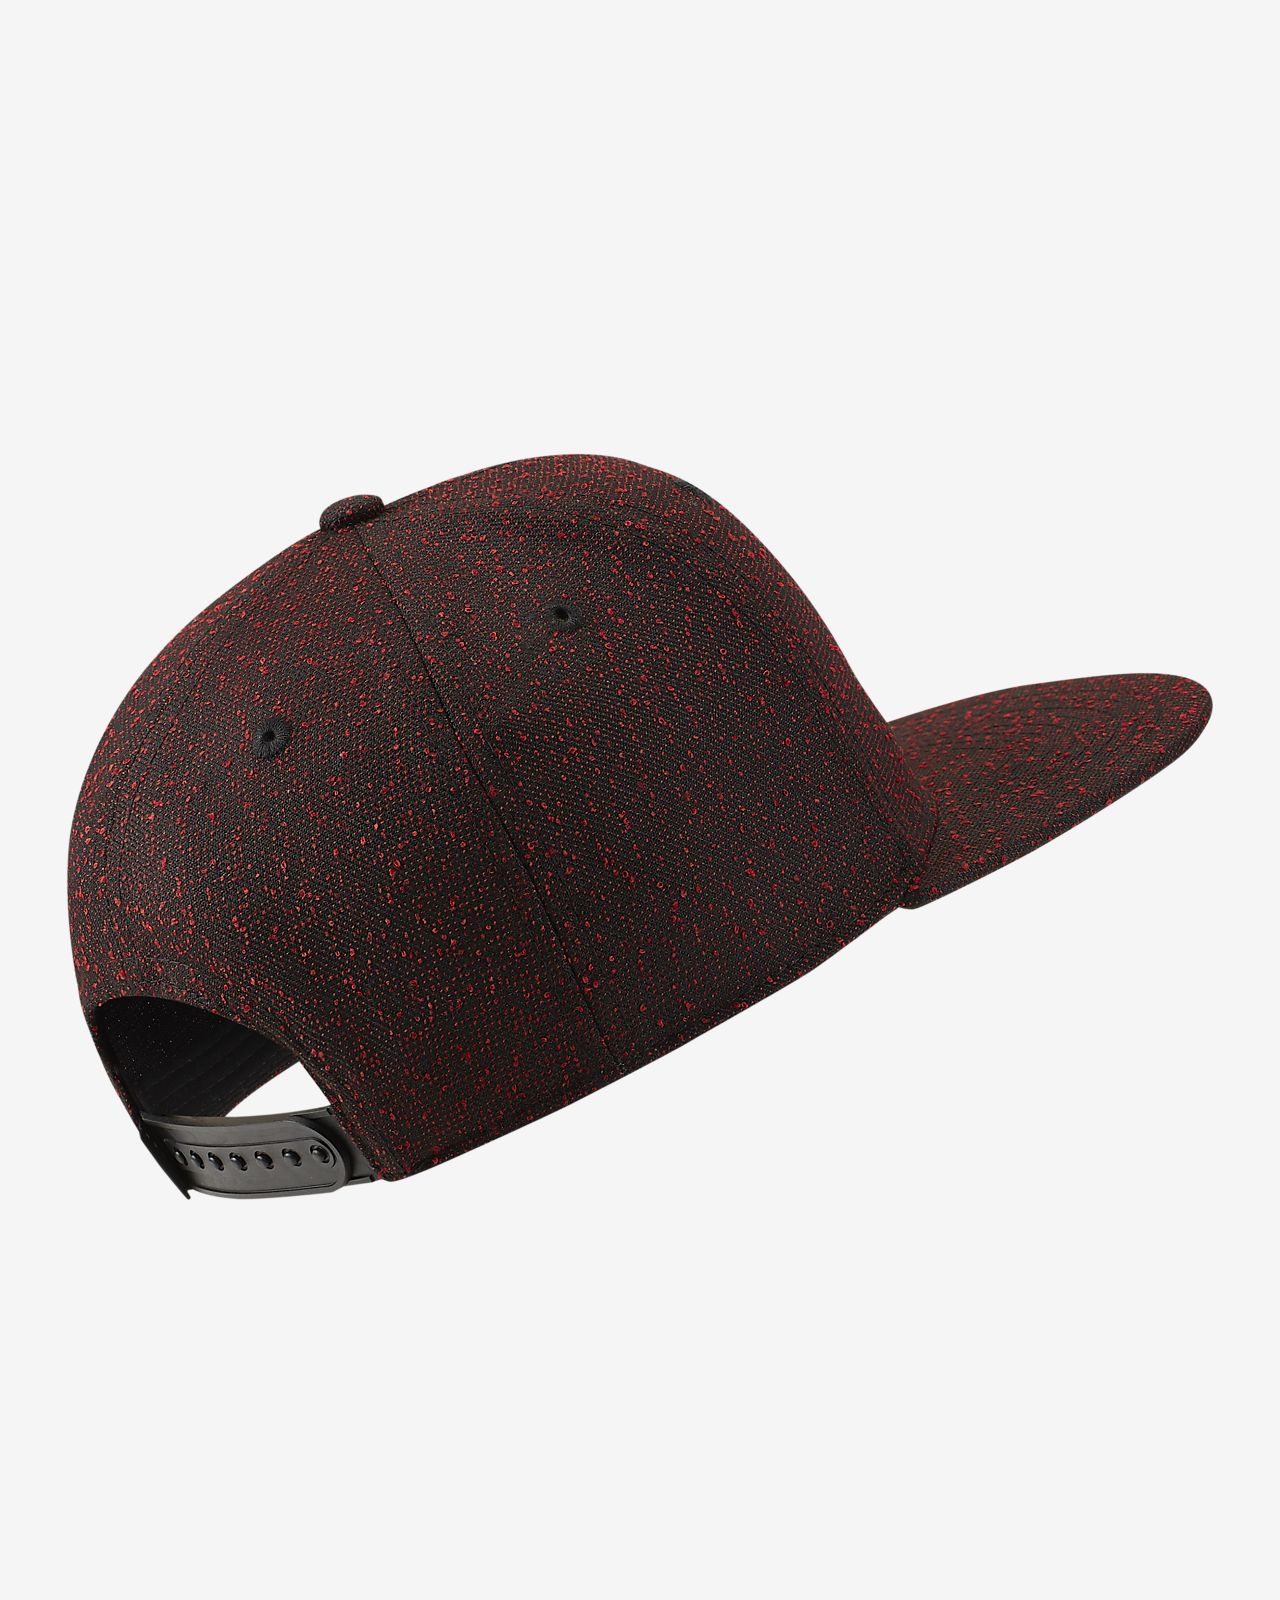 4031ec4a98b Air Jordan Big Kids  (Boys ) Adjustable Hat. Nike.com